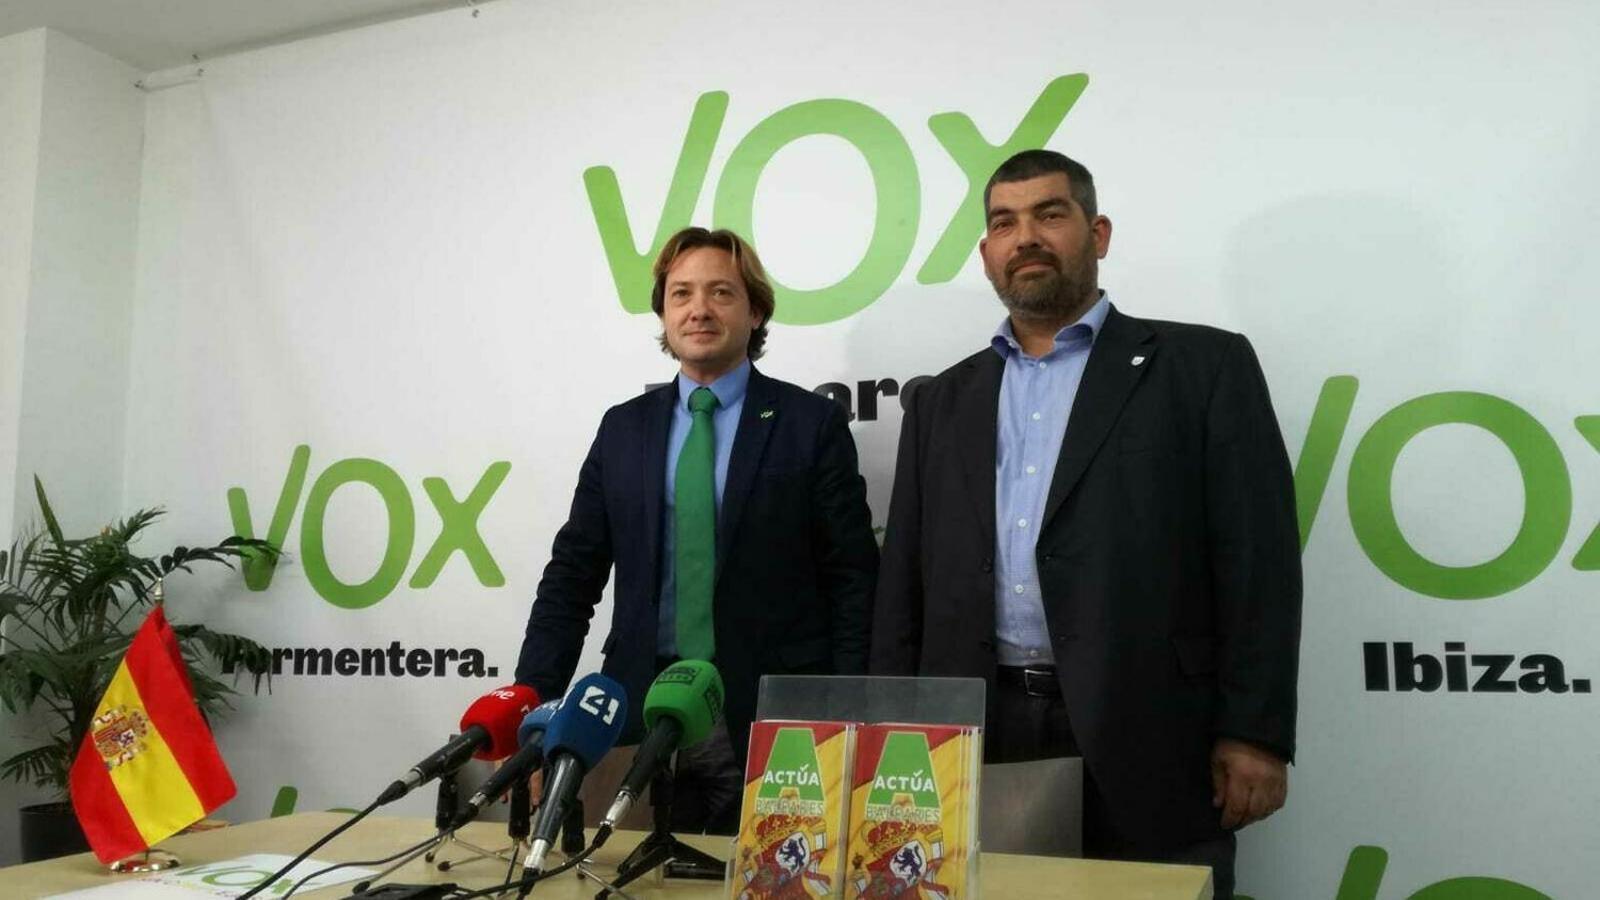 Vox denunciarà 'Diario de Mallorca' i l'acusa de conspirar per deixar-los en ridícul